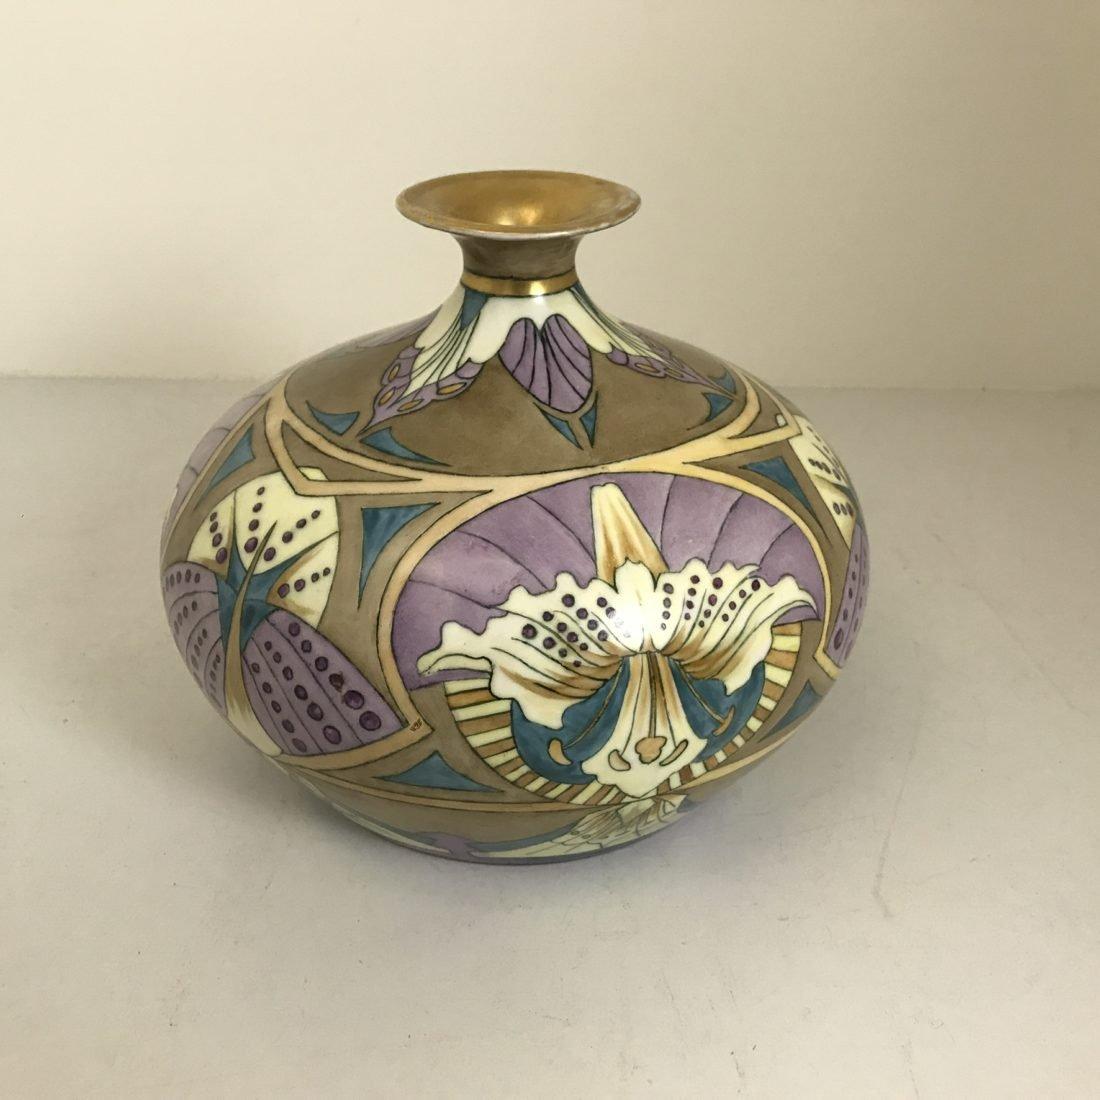 S.Chottean Limoges Art Nouveau porselein vaas, jaren 30